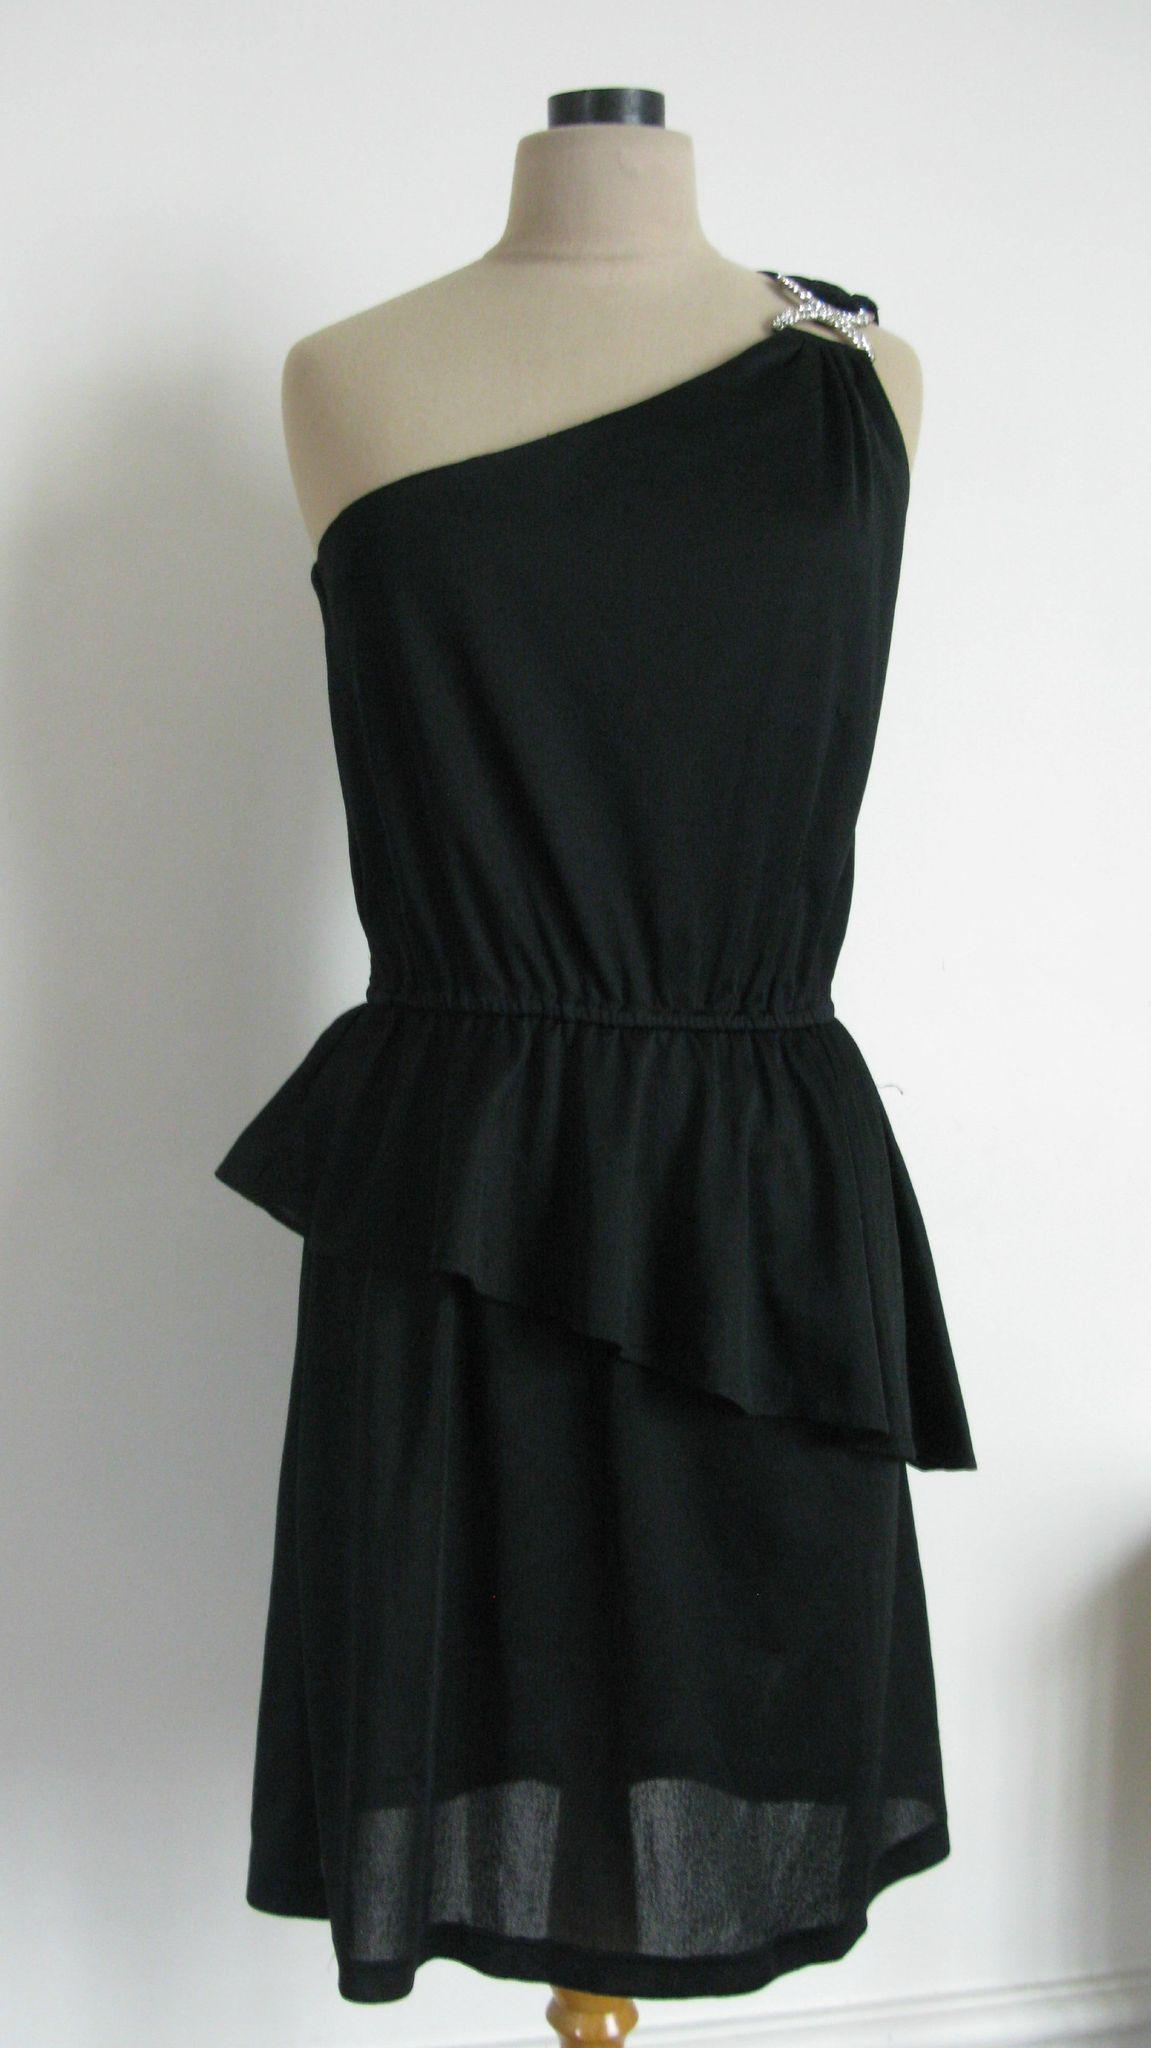 f48f4aaf4c 1981/ Années 80 : Robe noire asymétrique, décor de strass sur épaule ...